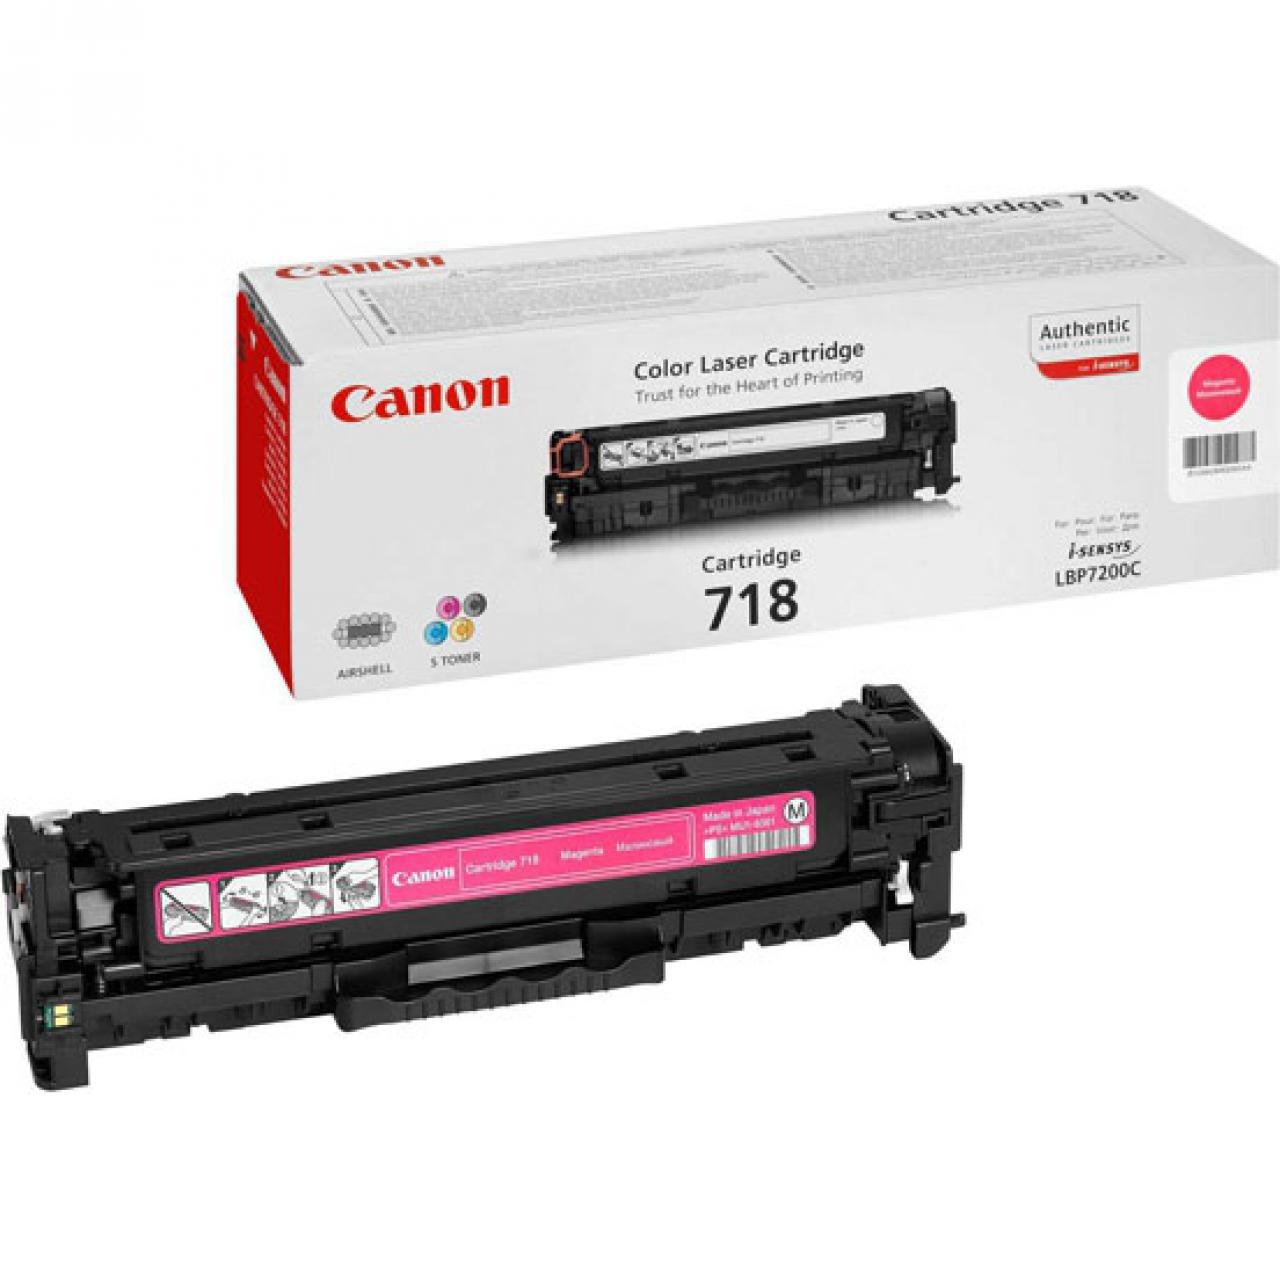 Восстановление картриджа Cartridge 718 Magenta для Canon i-SENSYS LBP-7200C